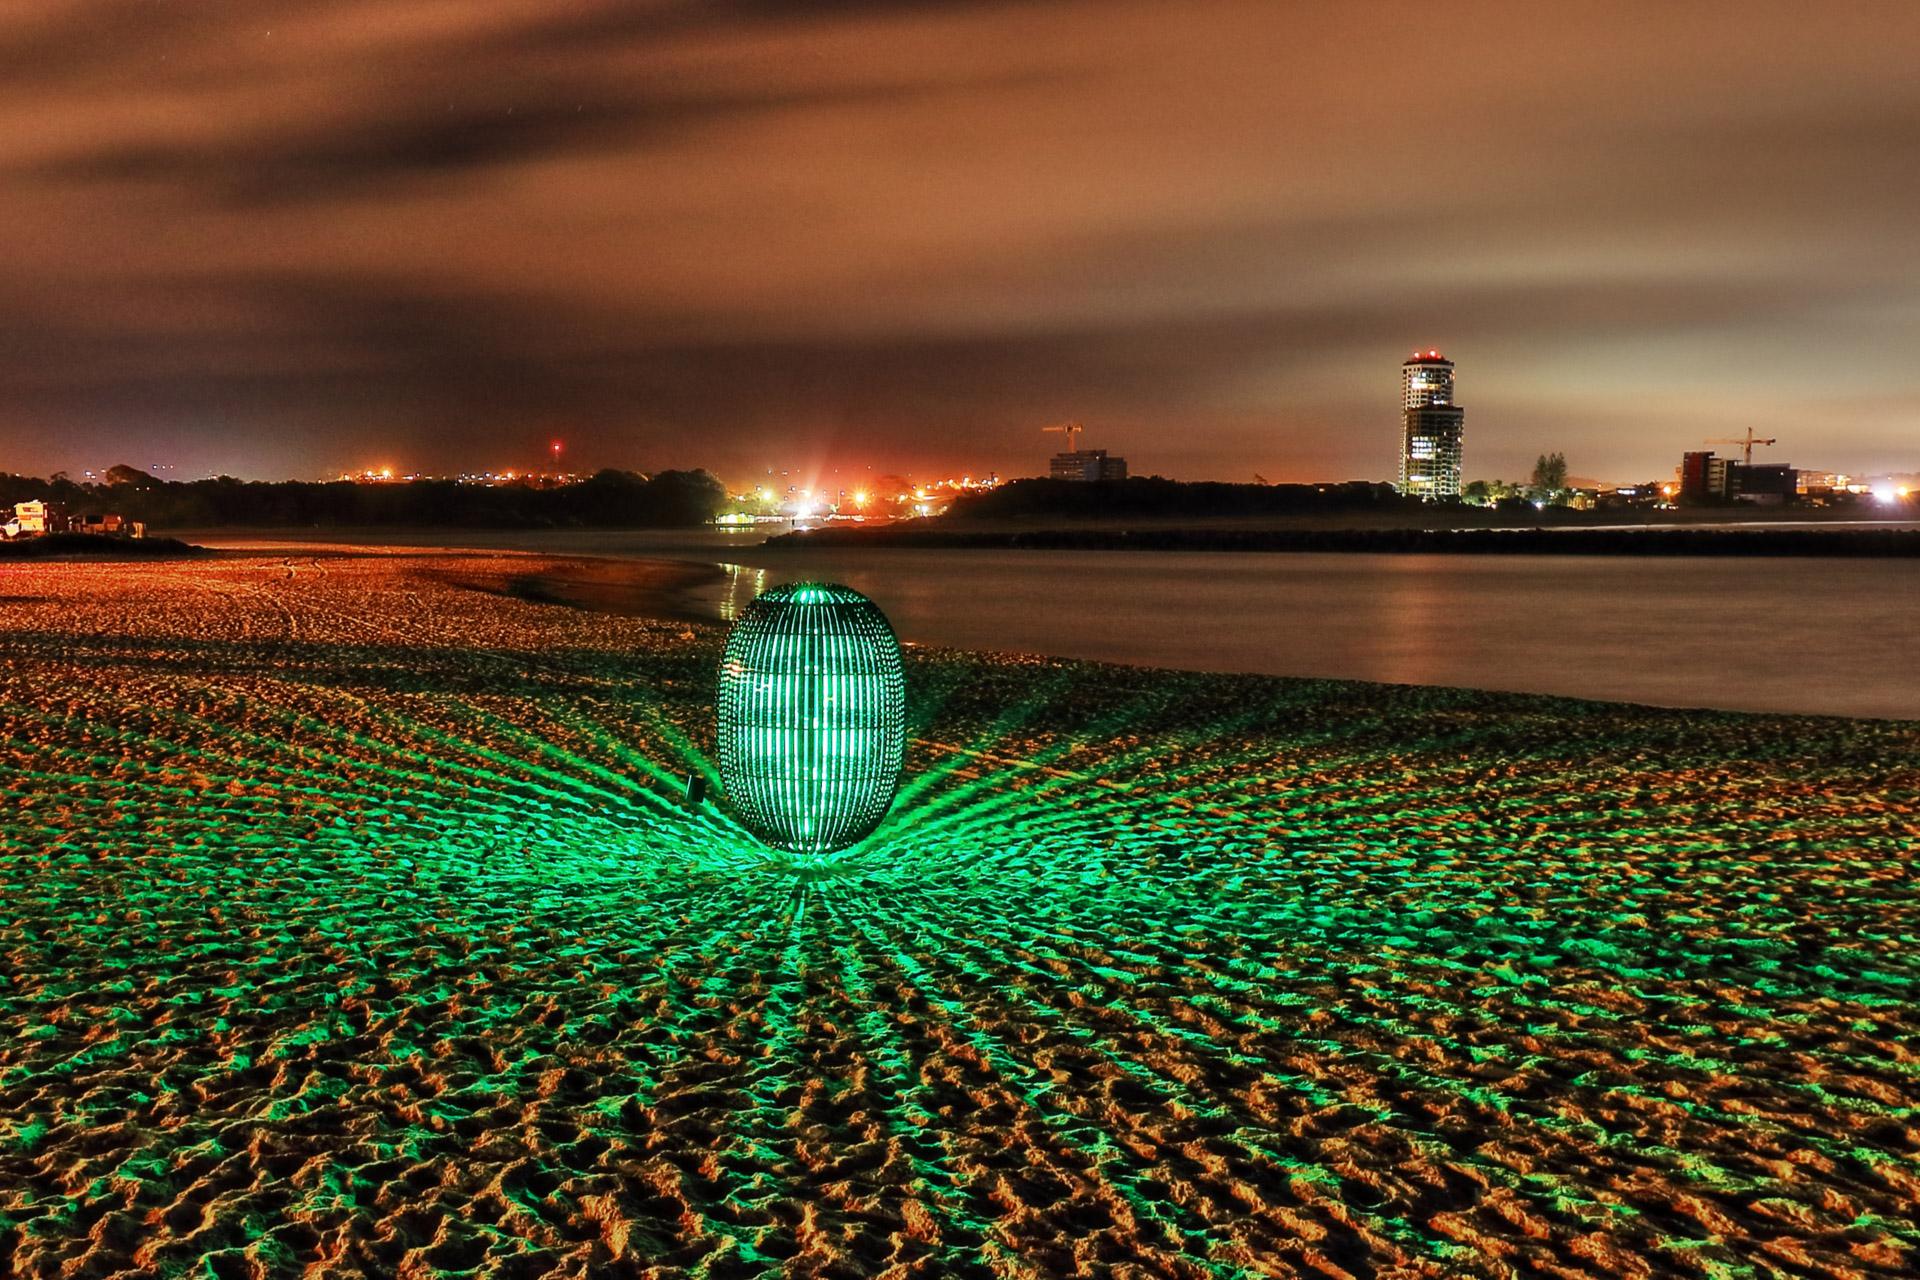 Superegg Coffee Capsule Sculpture at night